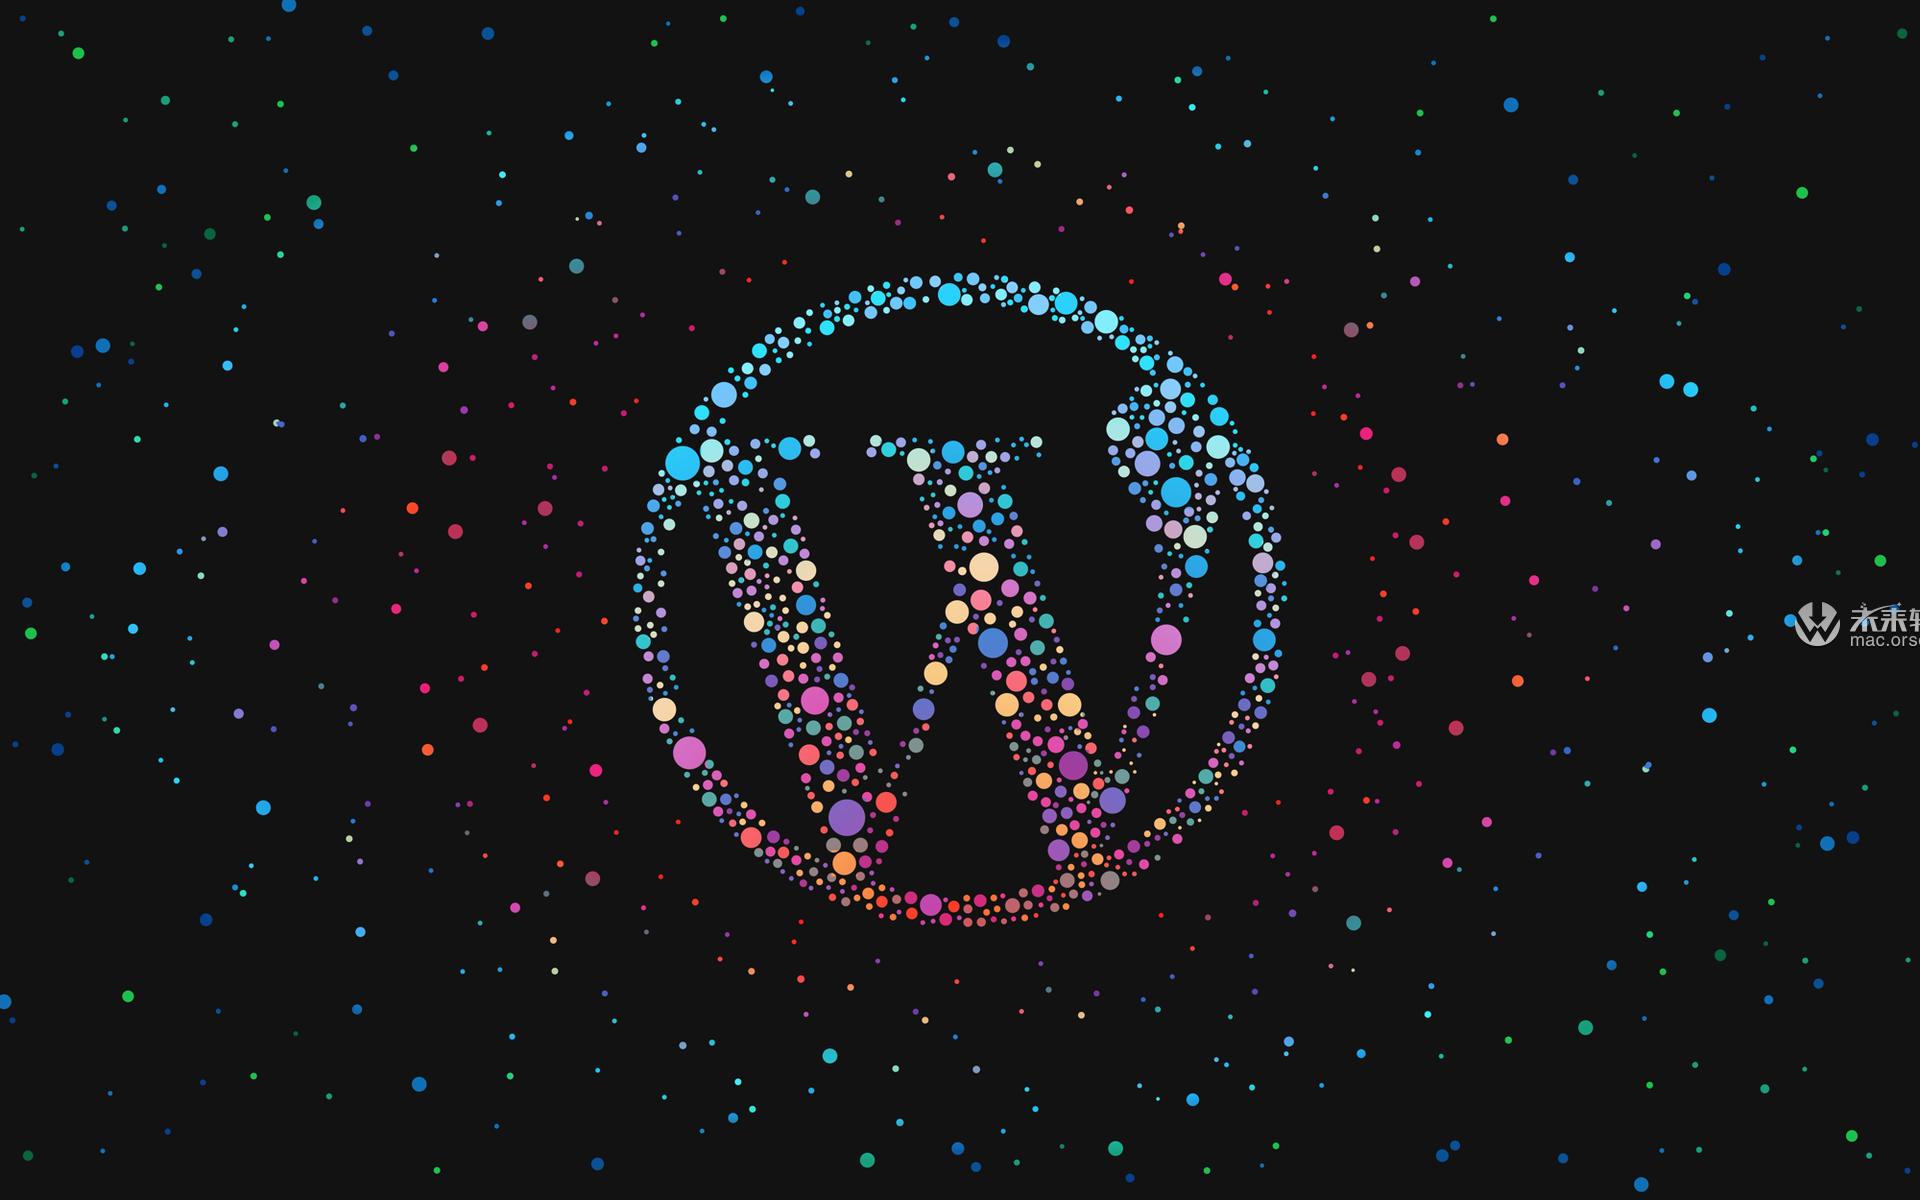 多样的WordPress图标8k动态壁纸